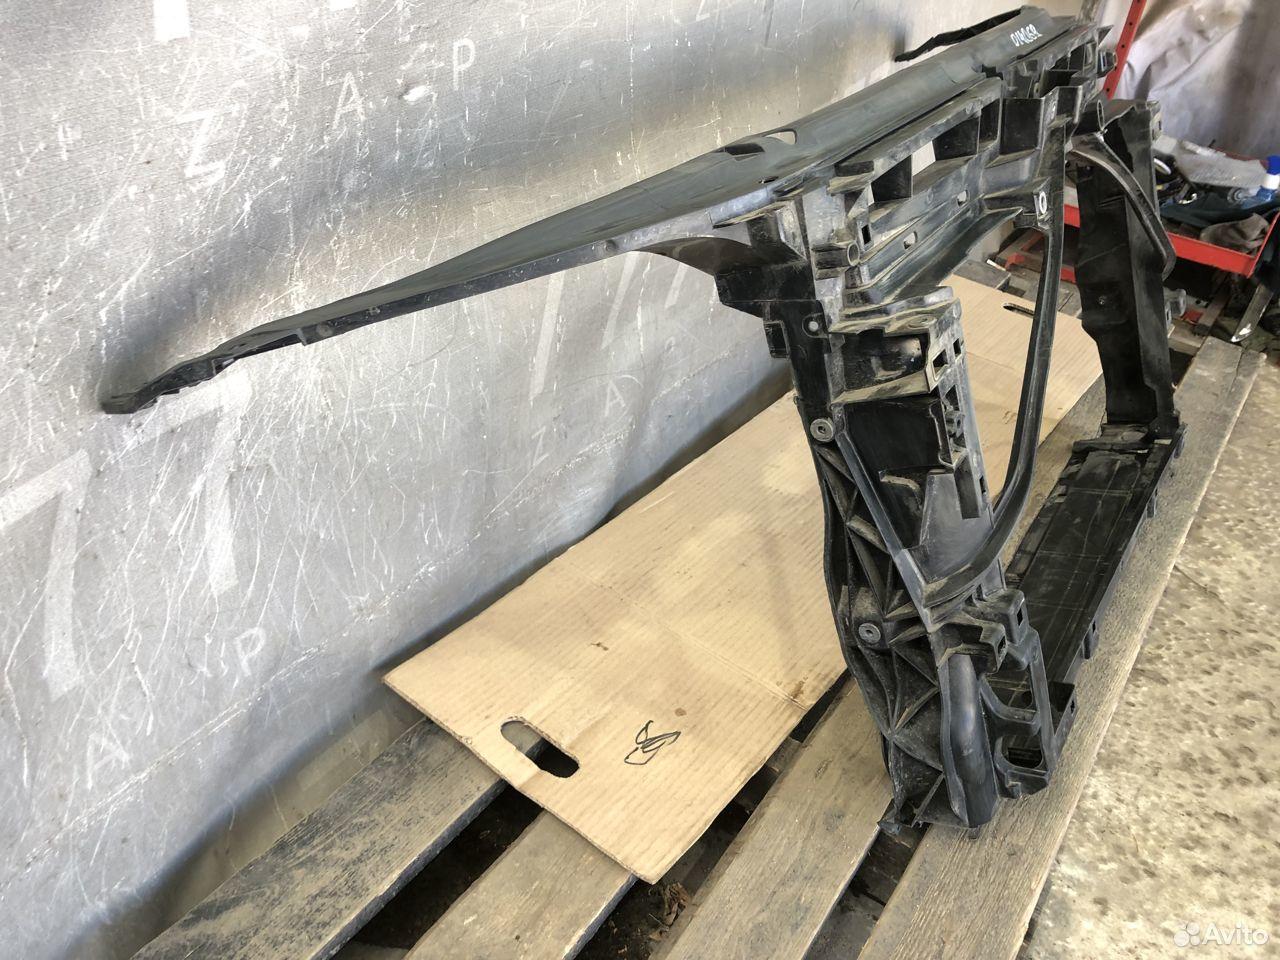 Панель передняя Skoda Octavia A7 б/у оригинал  89257556682 купить 2